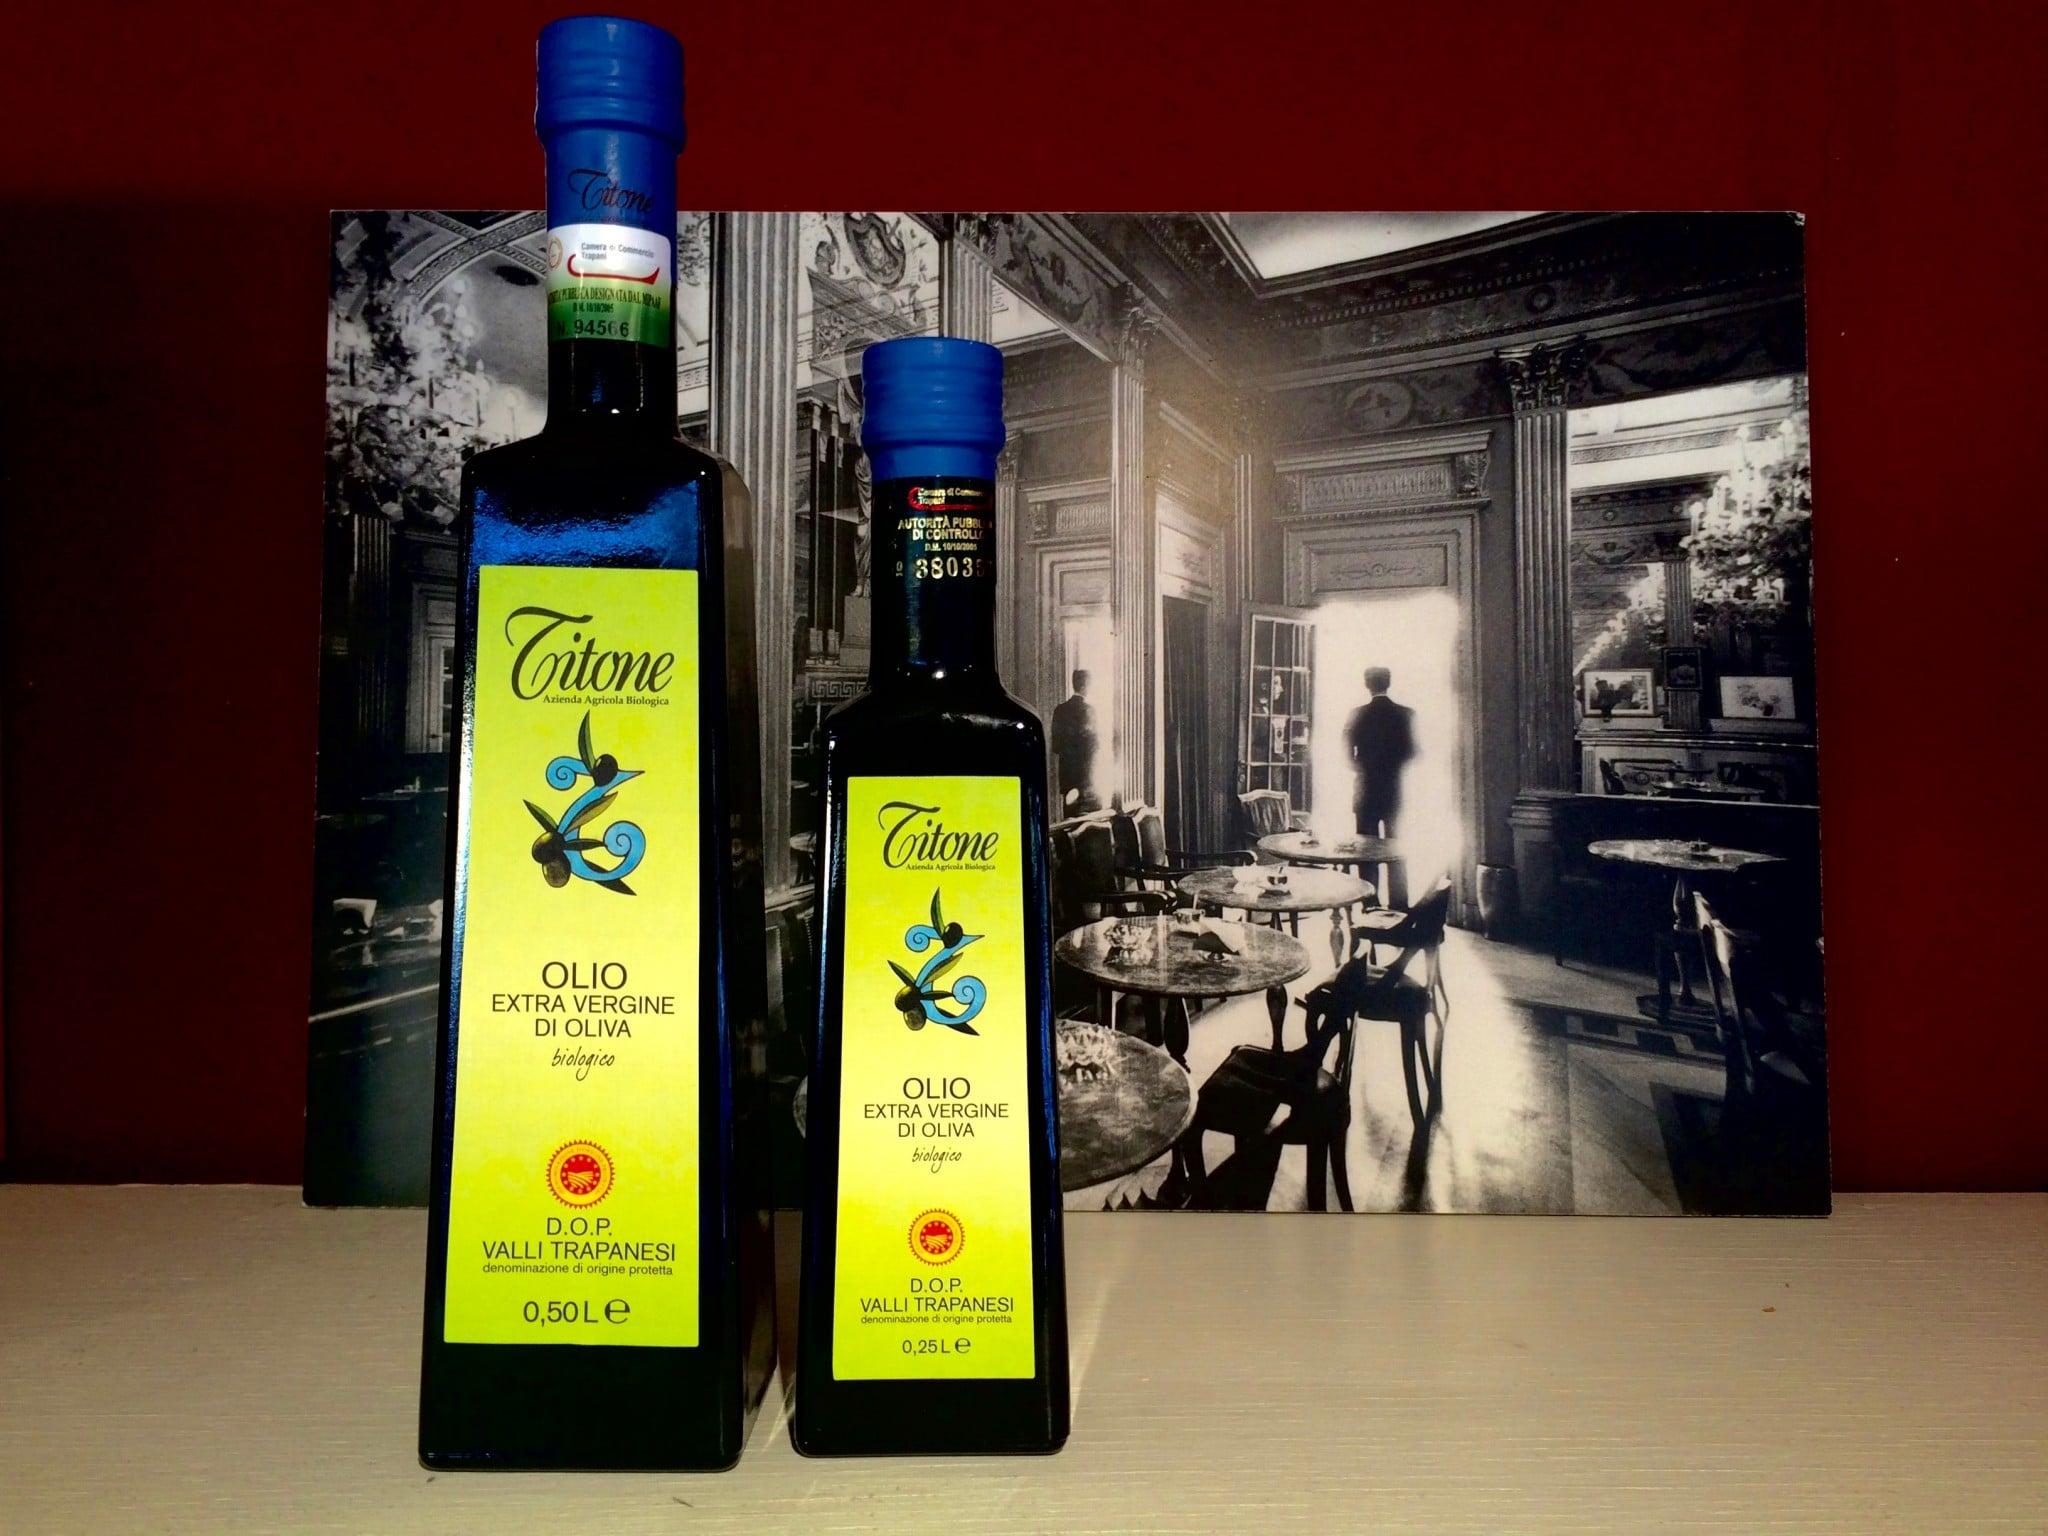 Titone Olivenöl Valli Trapanesi aus neuer Ernte eingetroffen!